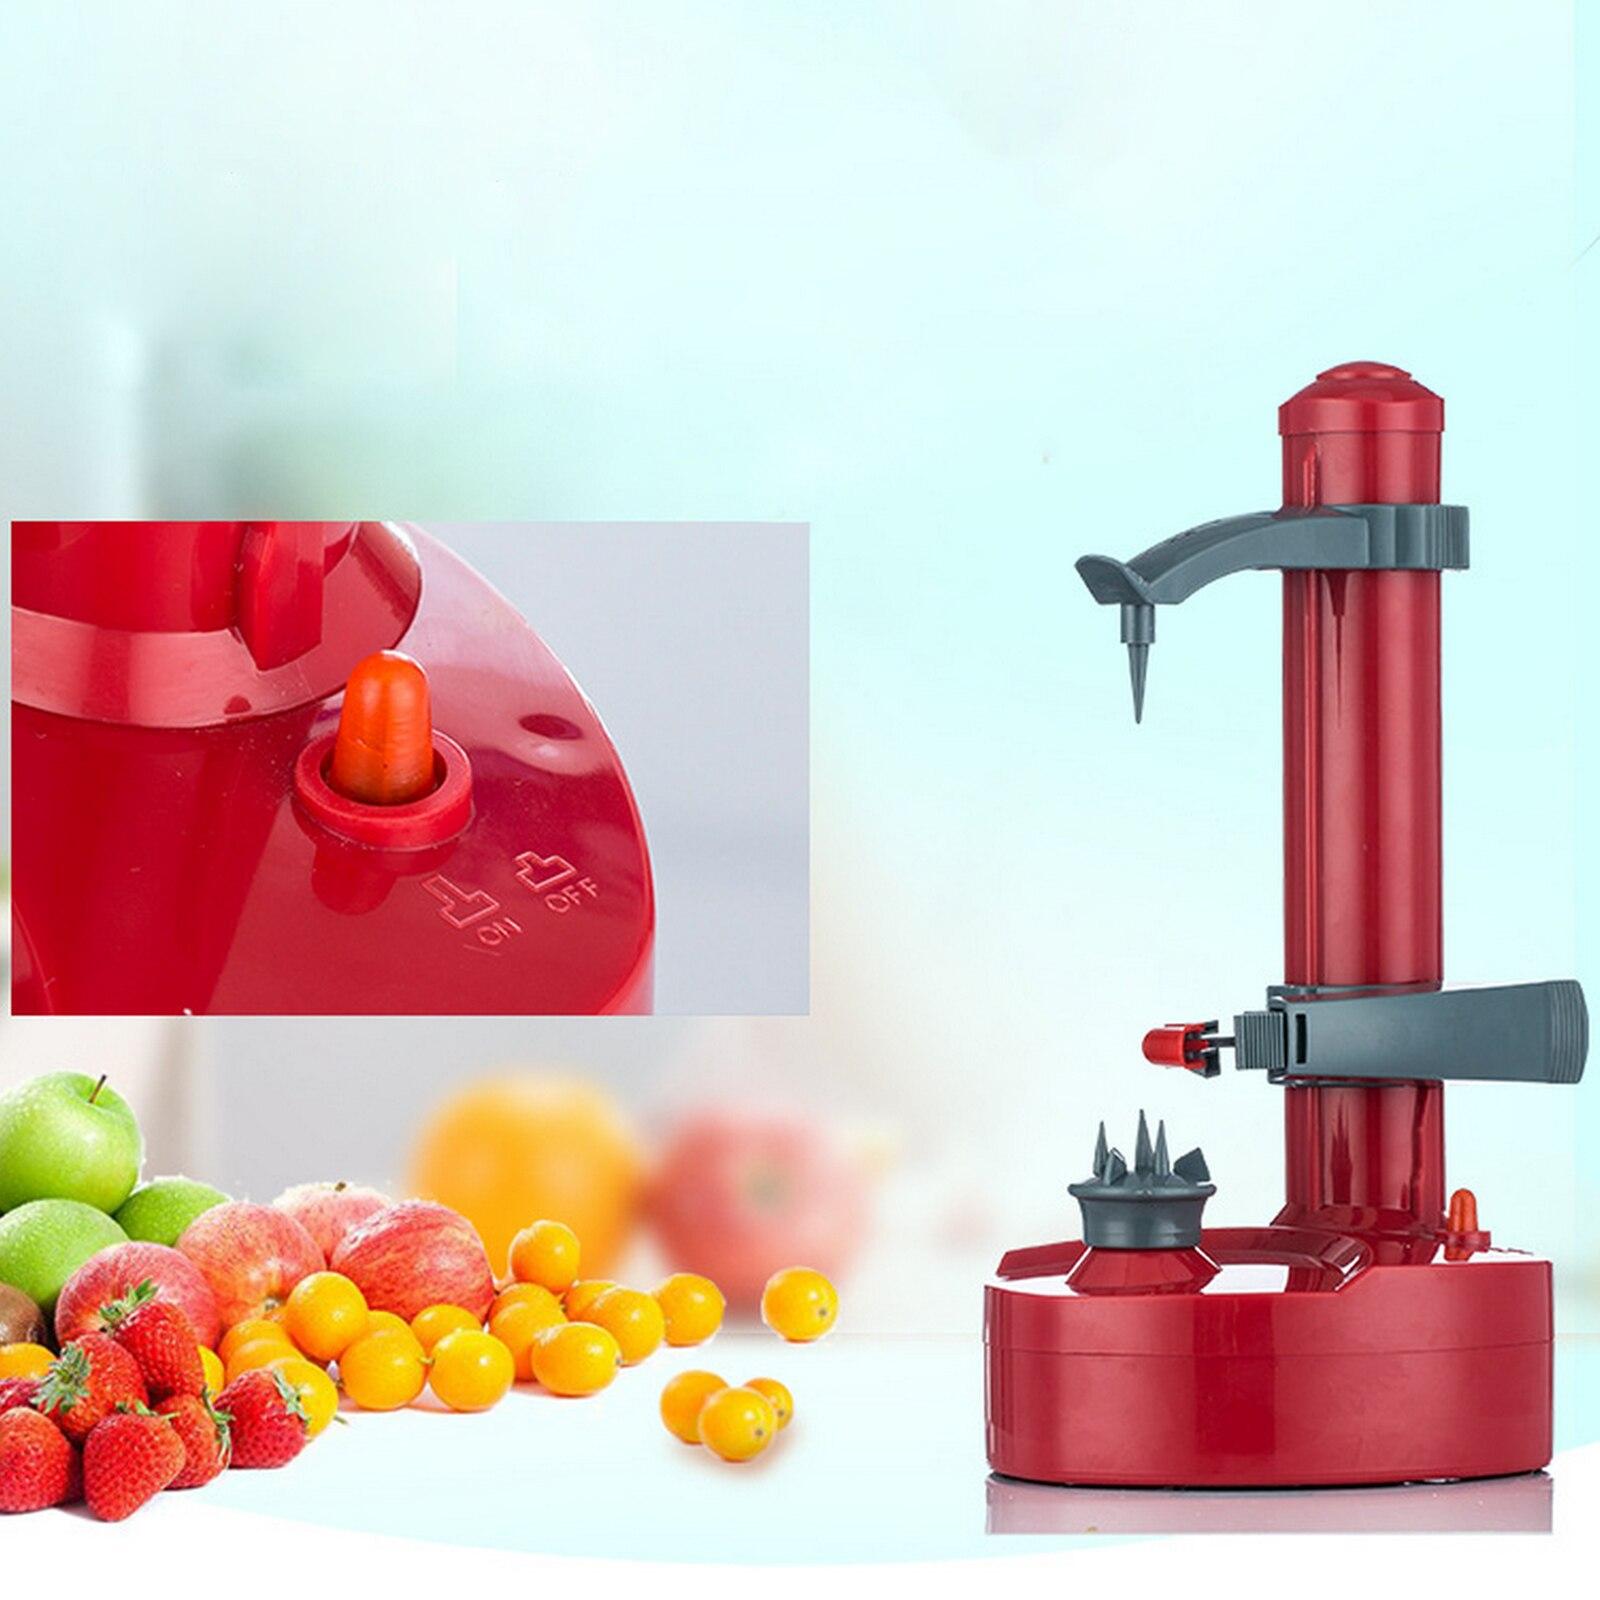 الكهربائية دوامة أداة تقشير التفاح القاطع Slicer الفاكهة البطاطس التلقائي تعمل آلة مقشرة آلة تقطيع أدوات مطبخ